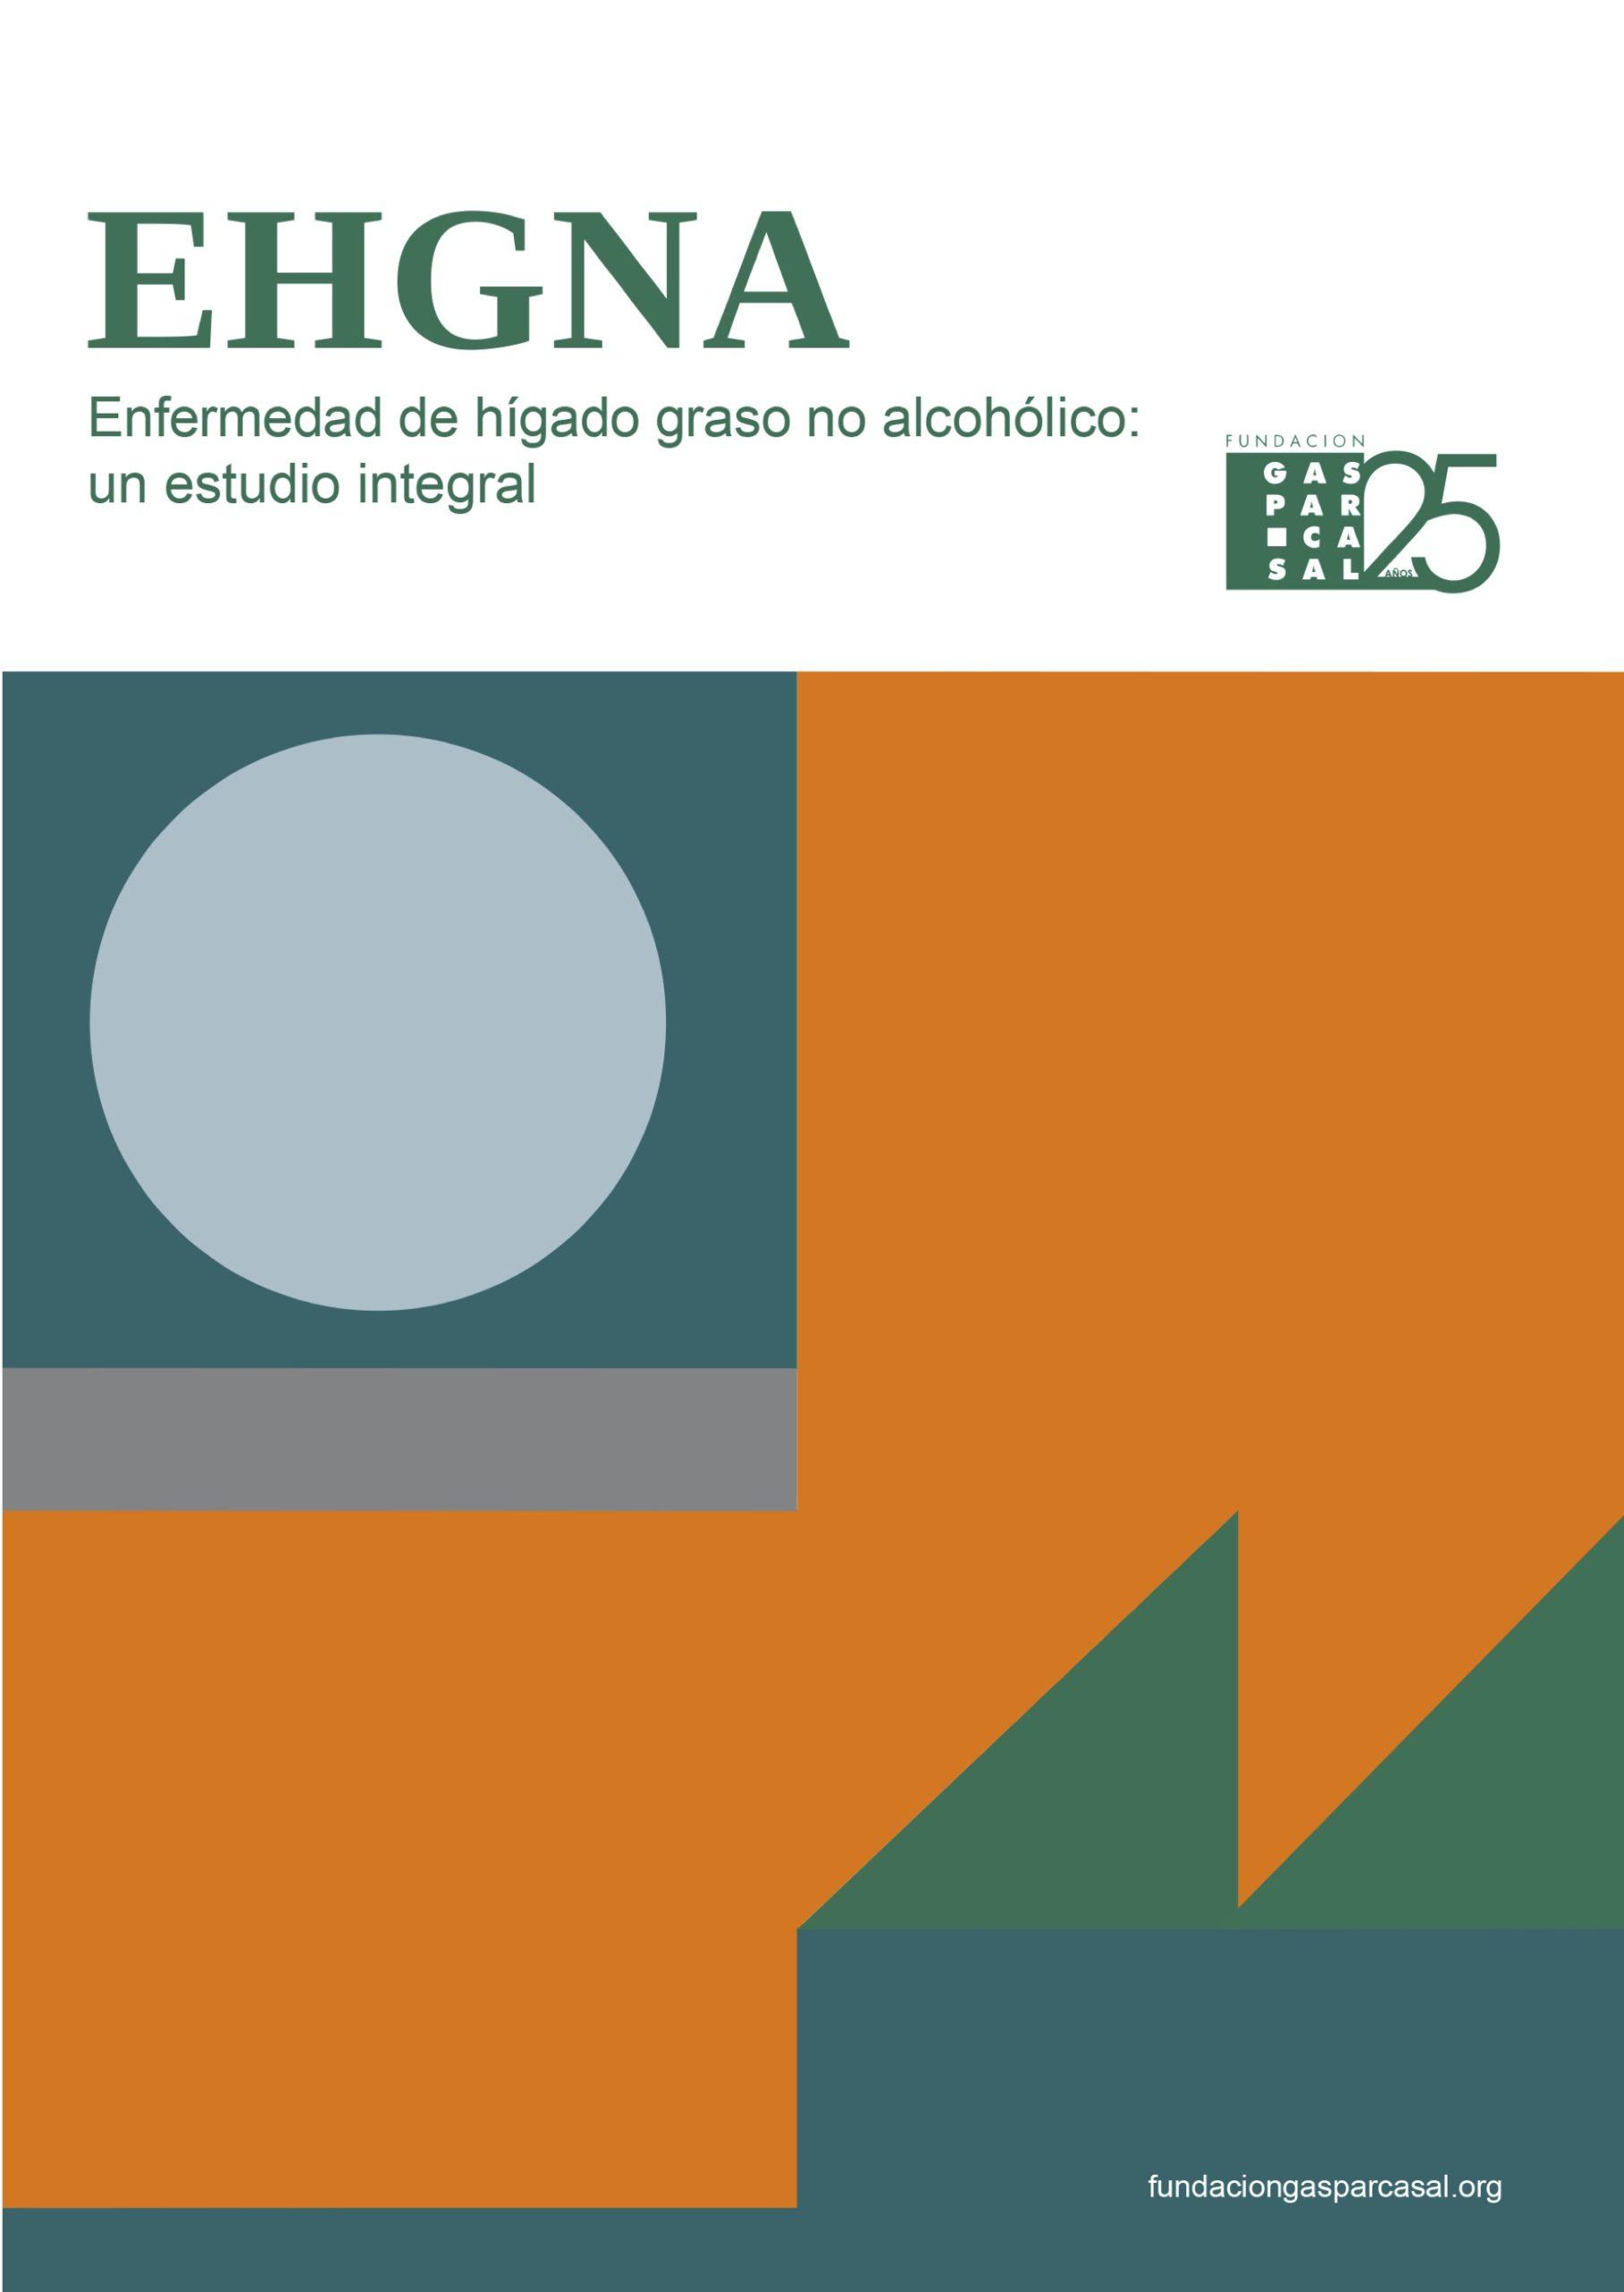 L'Associació Espanyola per a l'Estudi del Fetge (AEEH) i la Fundació Gaspar Casal presenten la Guia pel Diagnòstic i Tractament del Fetge Gras No Alcohòlic